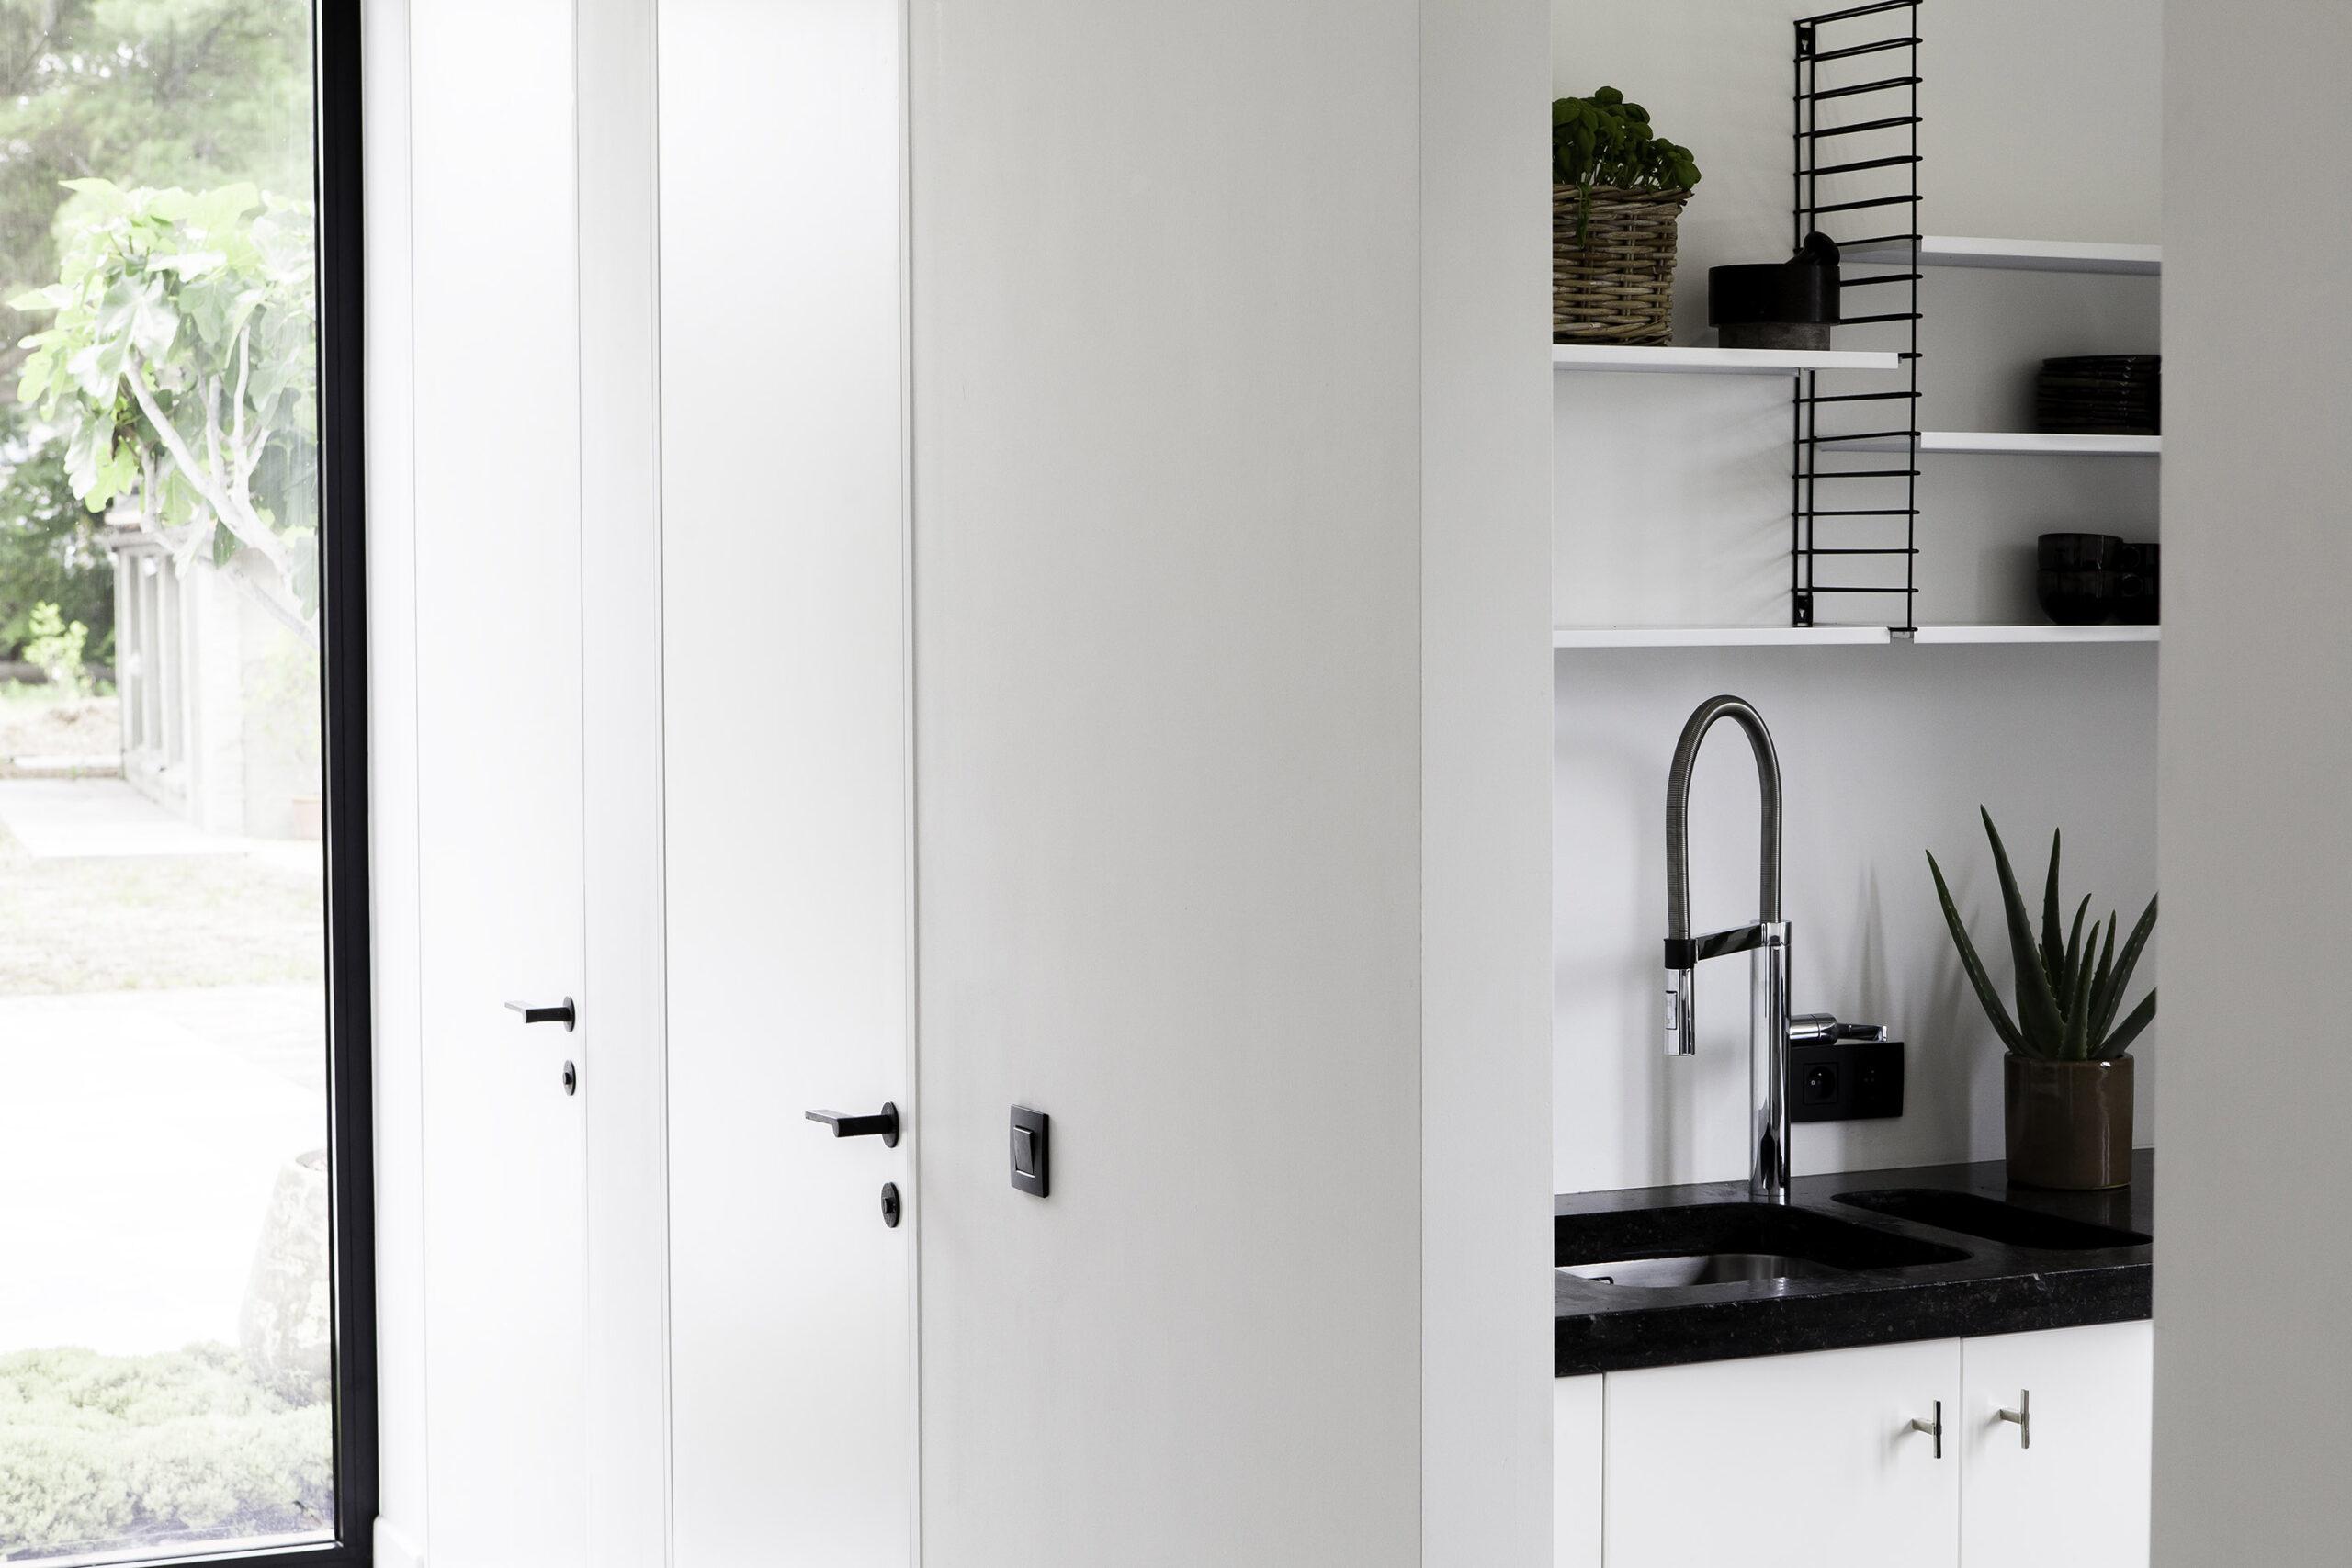 Bauhaus deurbeslag van Dauby in de toiletruimte van Fabriek 61